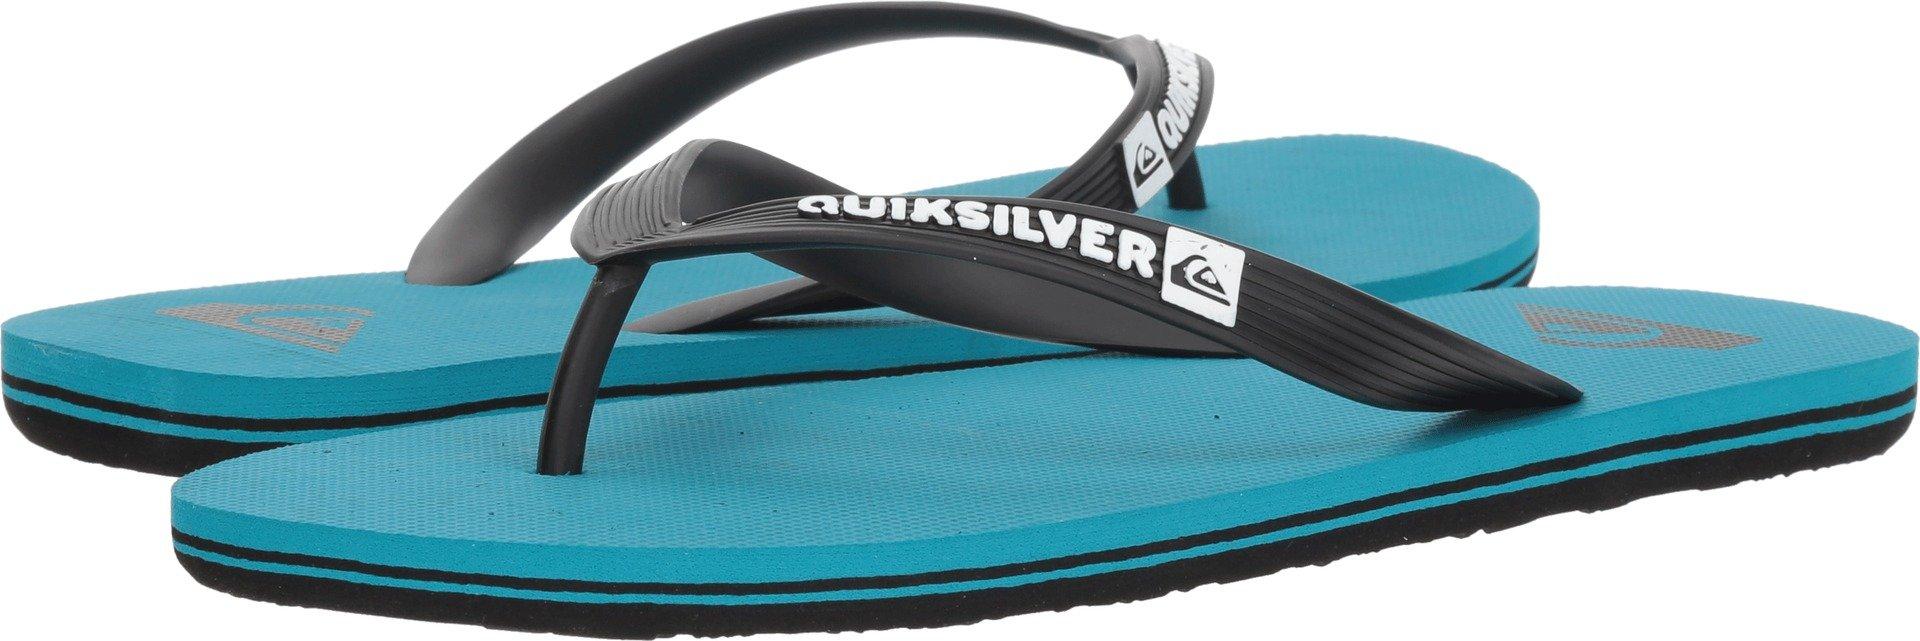 Quiksilver Men's Molokai Sandal, Black/Blue/Blue, 9 M US by Quiksilver